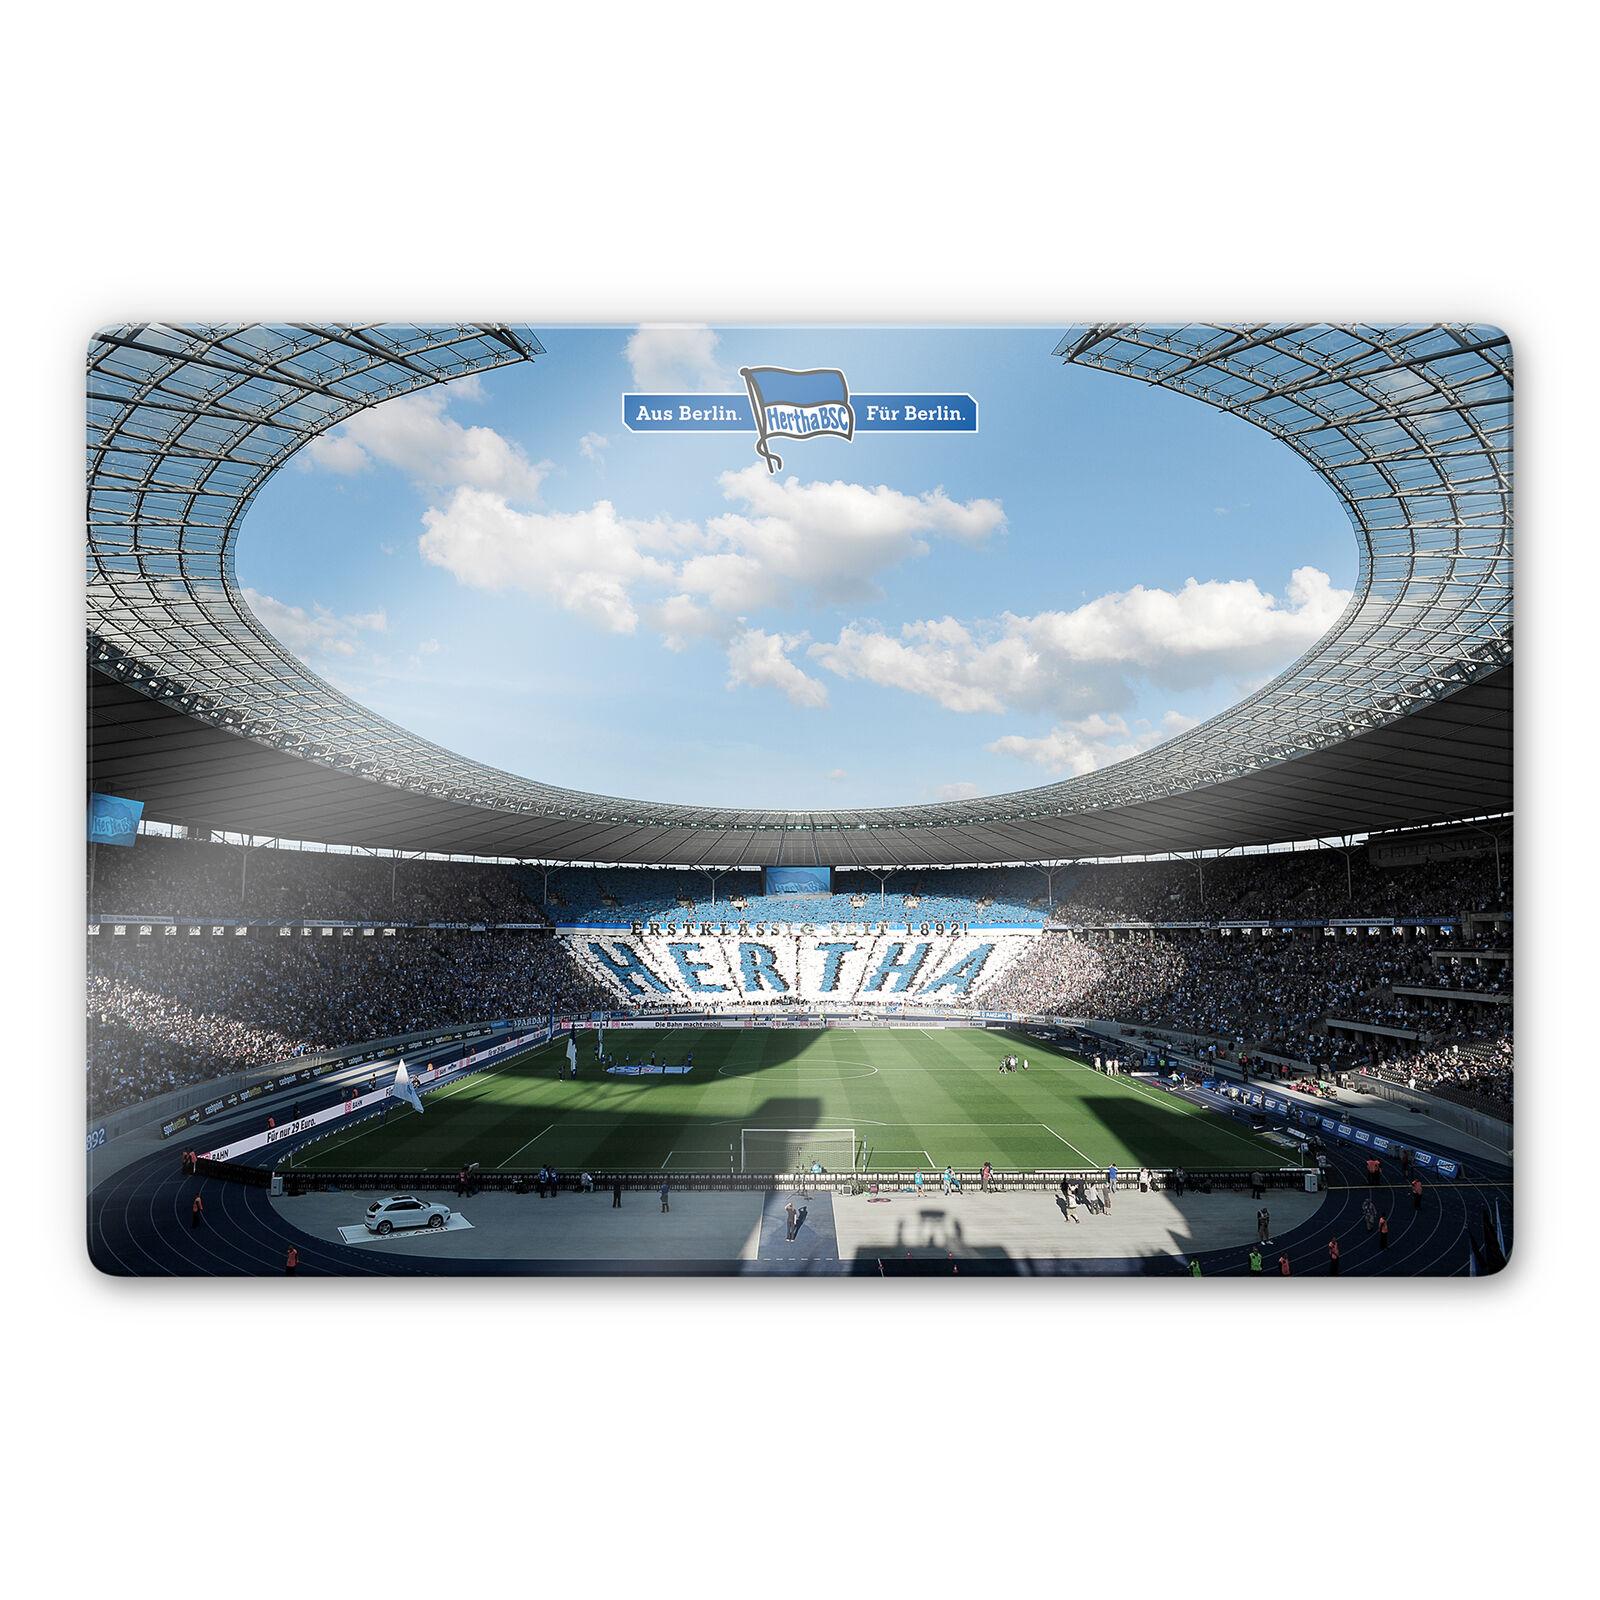 Glasbild Hertha BSC - Stadion am am am Tag 1dbbd2